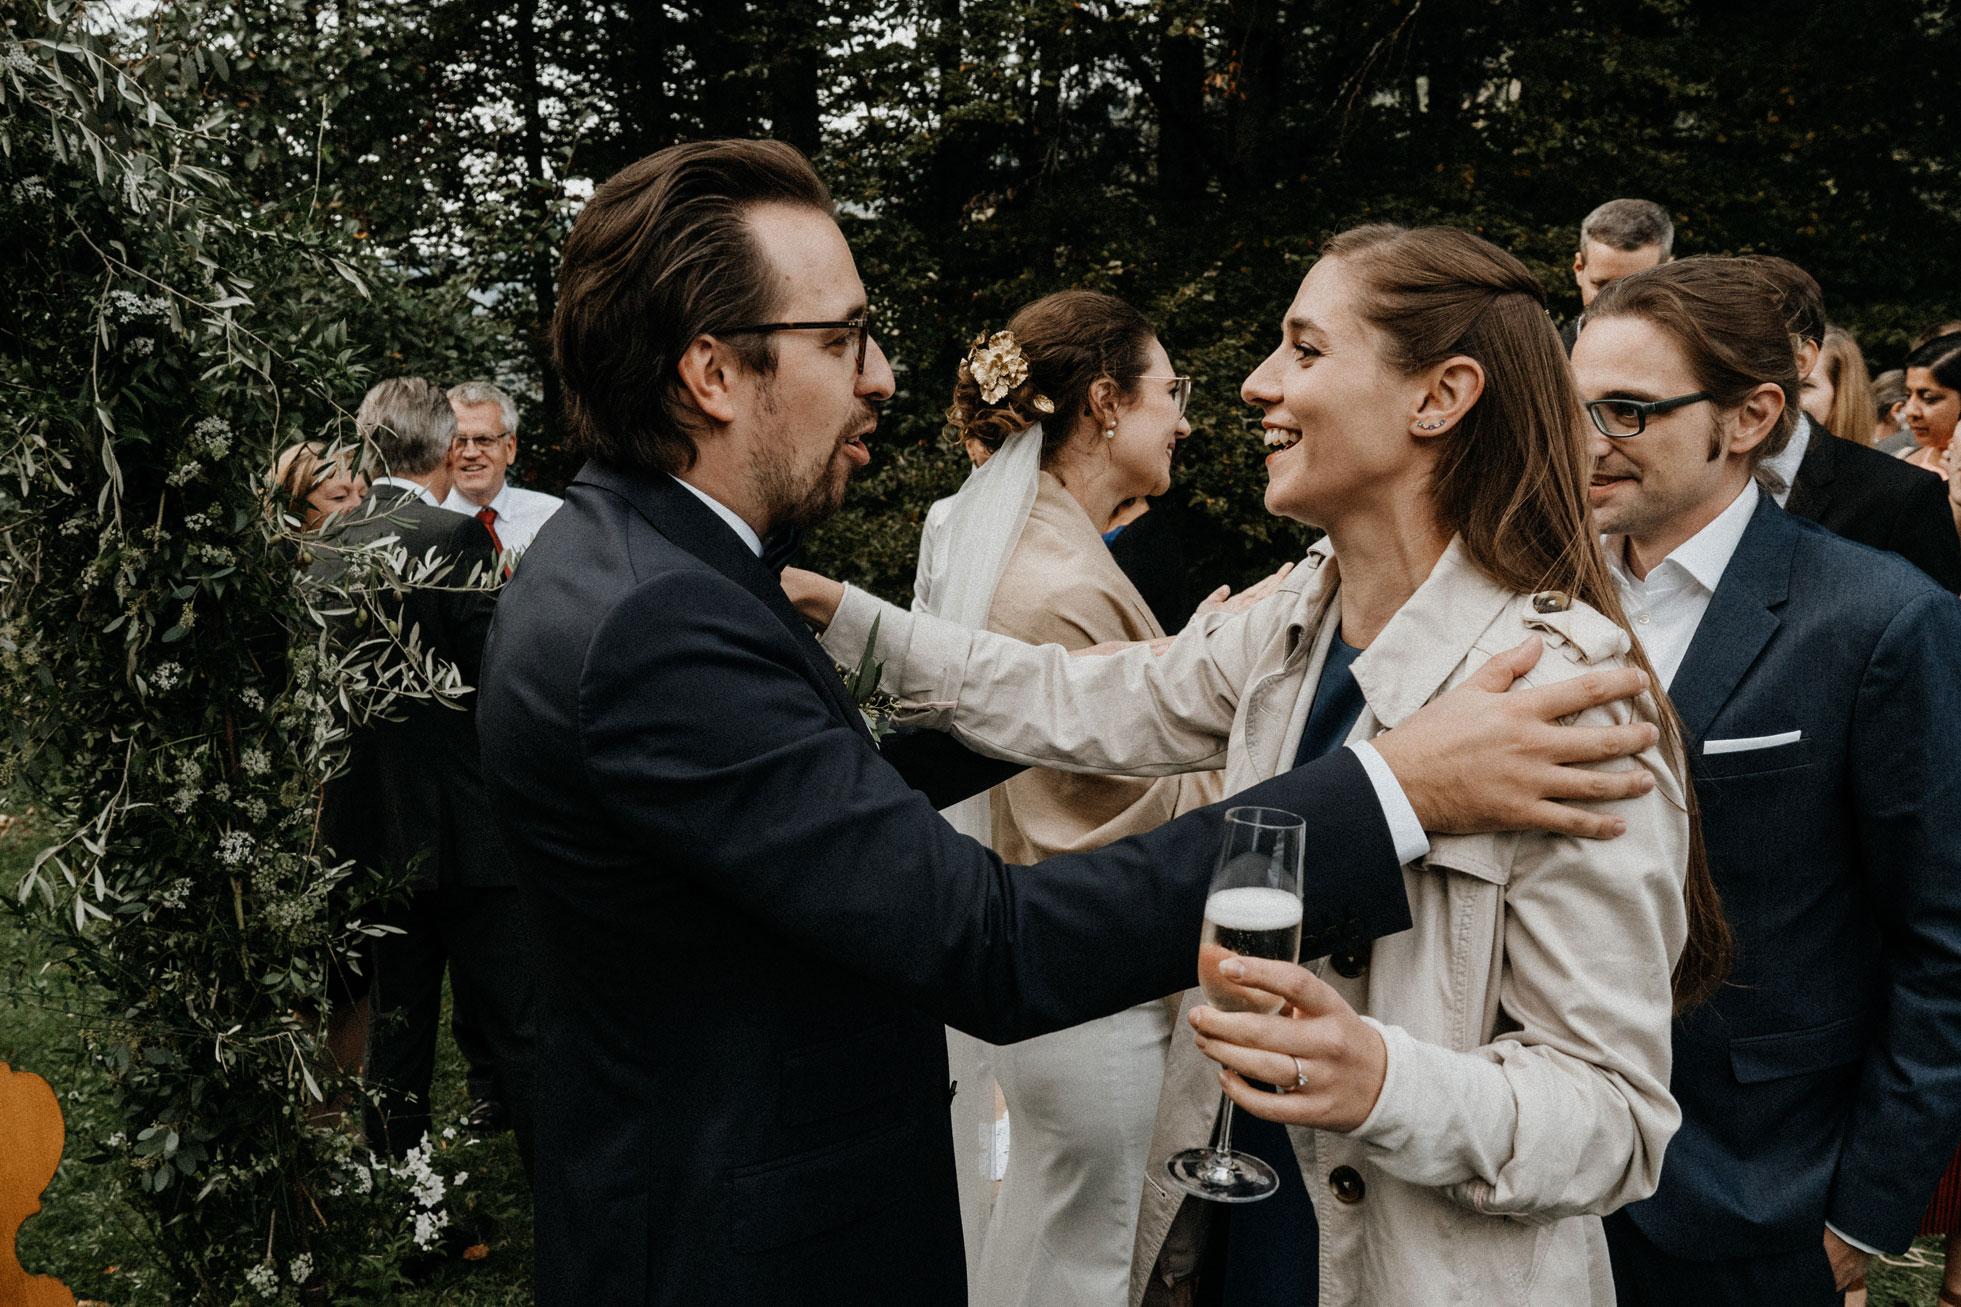 Hochzeit_Claire_Manuel_Villa_Maund_Daniel_Jenny-270.jpg